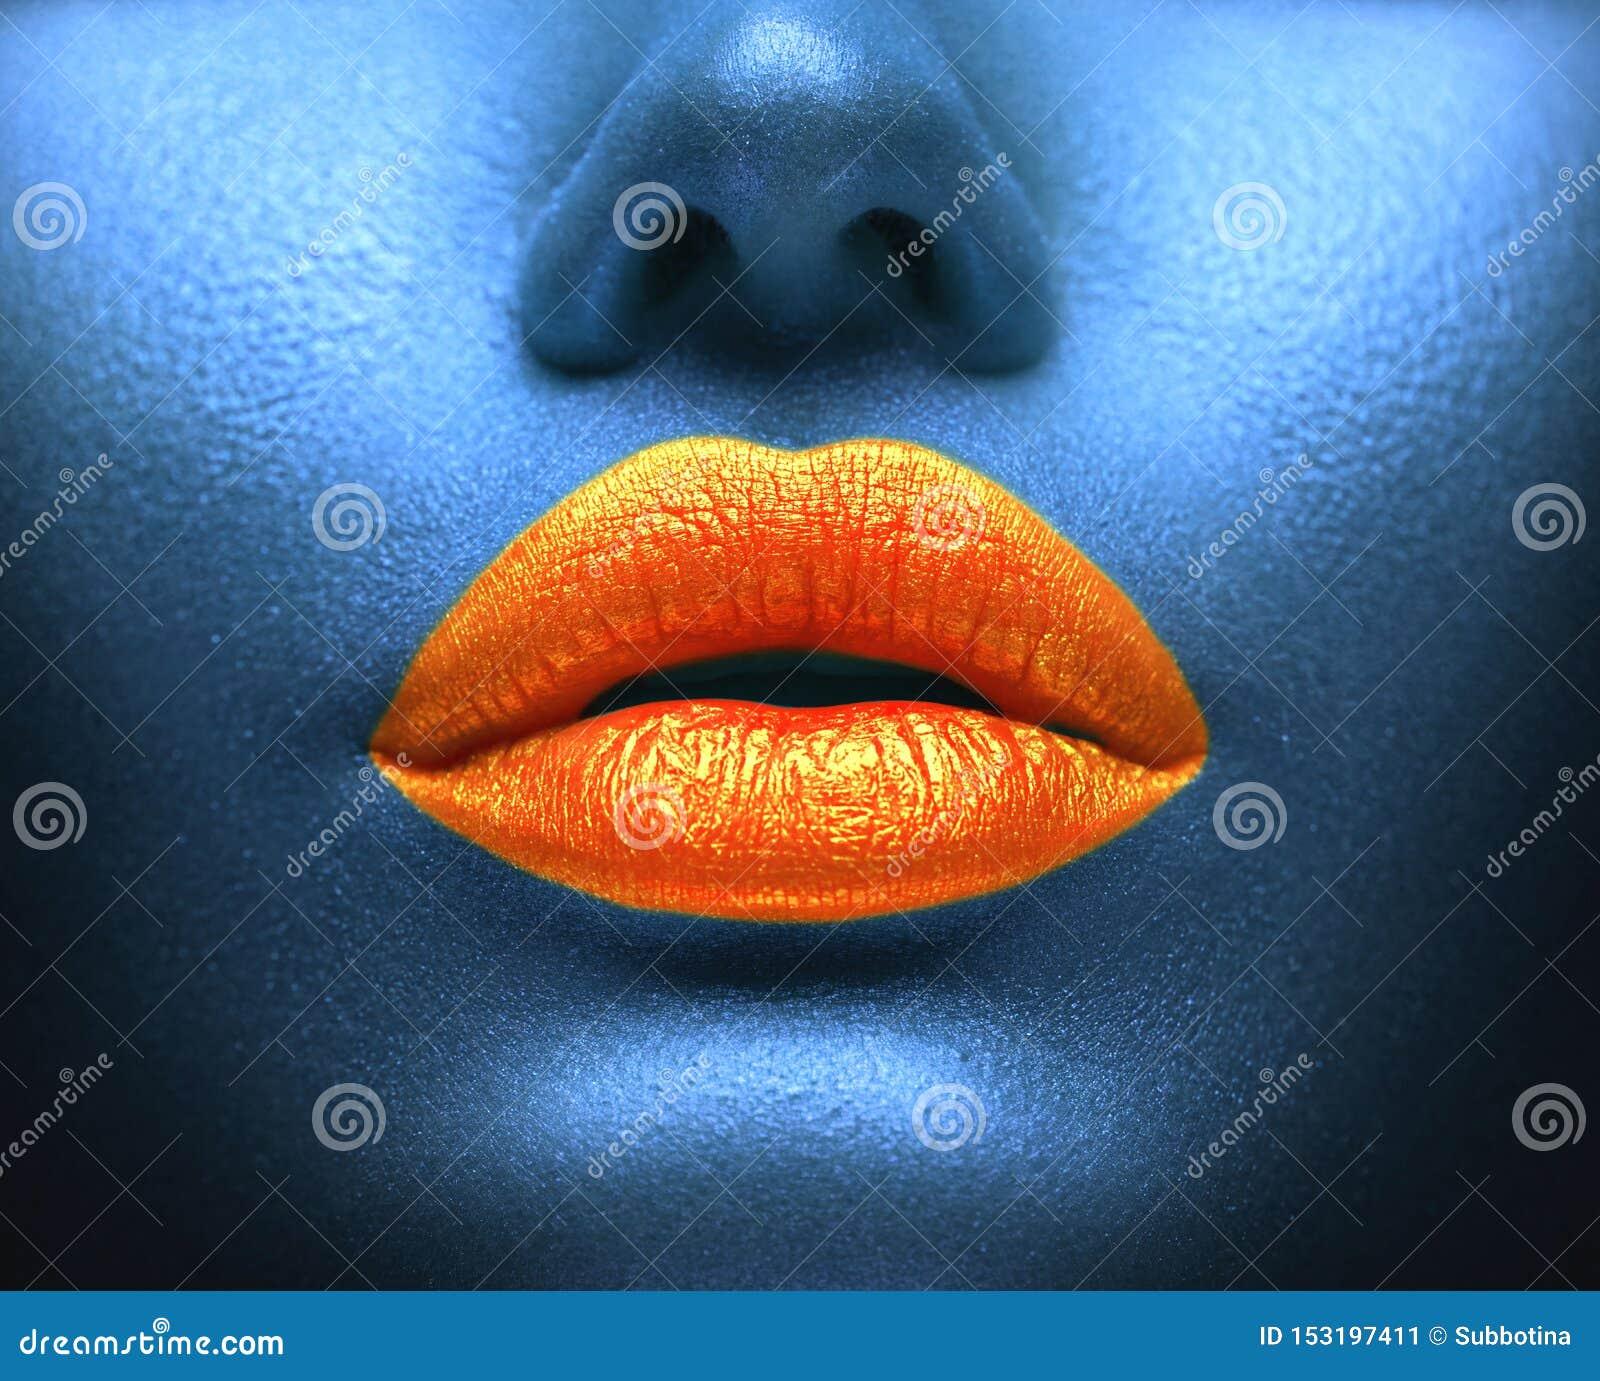 创造性的五颜六色的构成 Bodyart,在性感的嘴唇,女孩的lipgloss装腔作势地说 在蓝色皮肤的橙色嘴唇